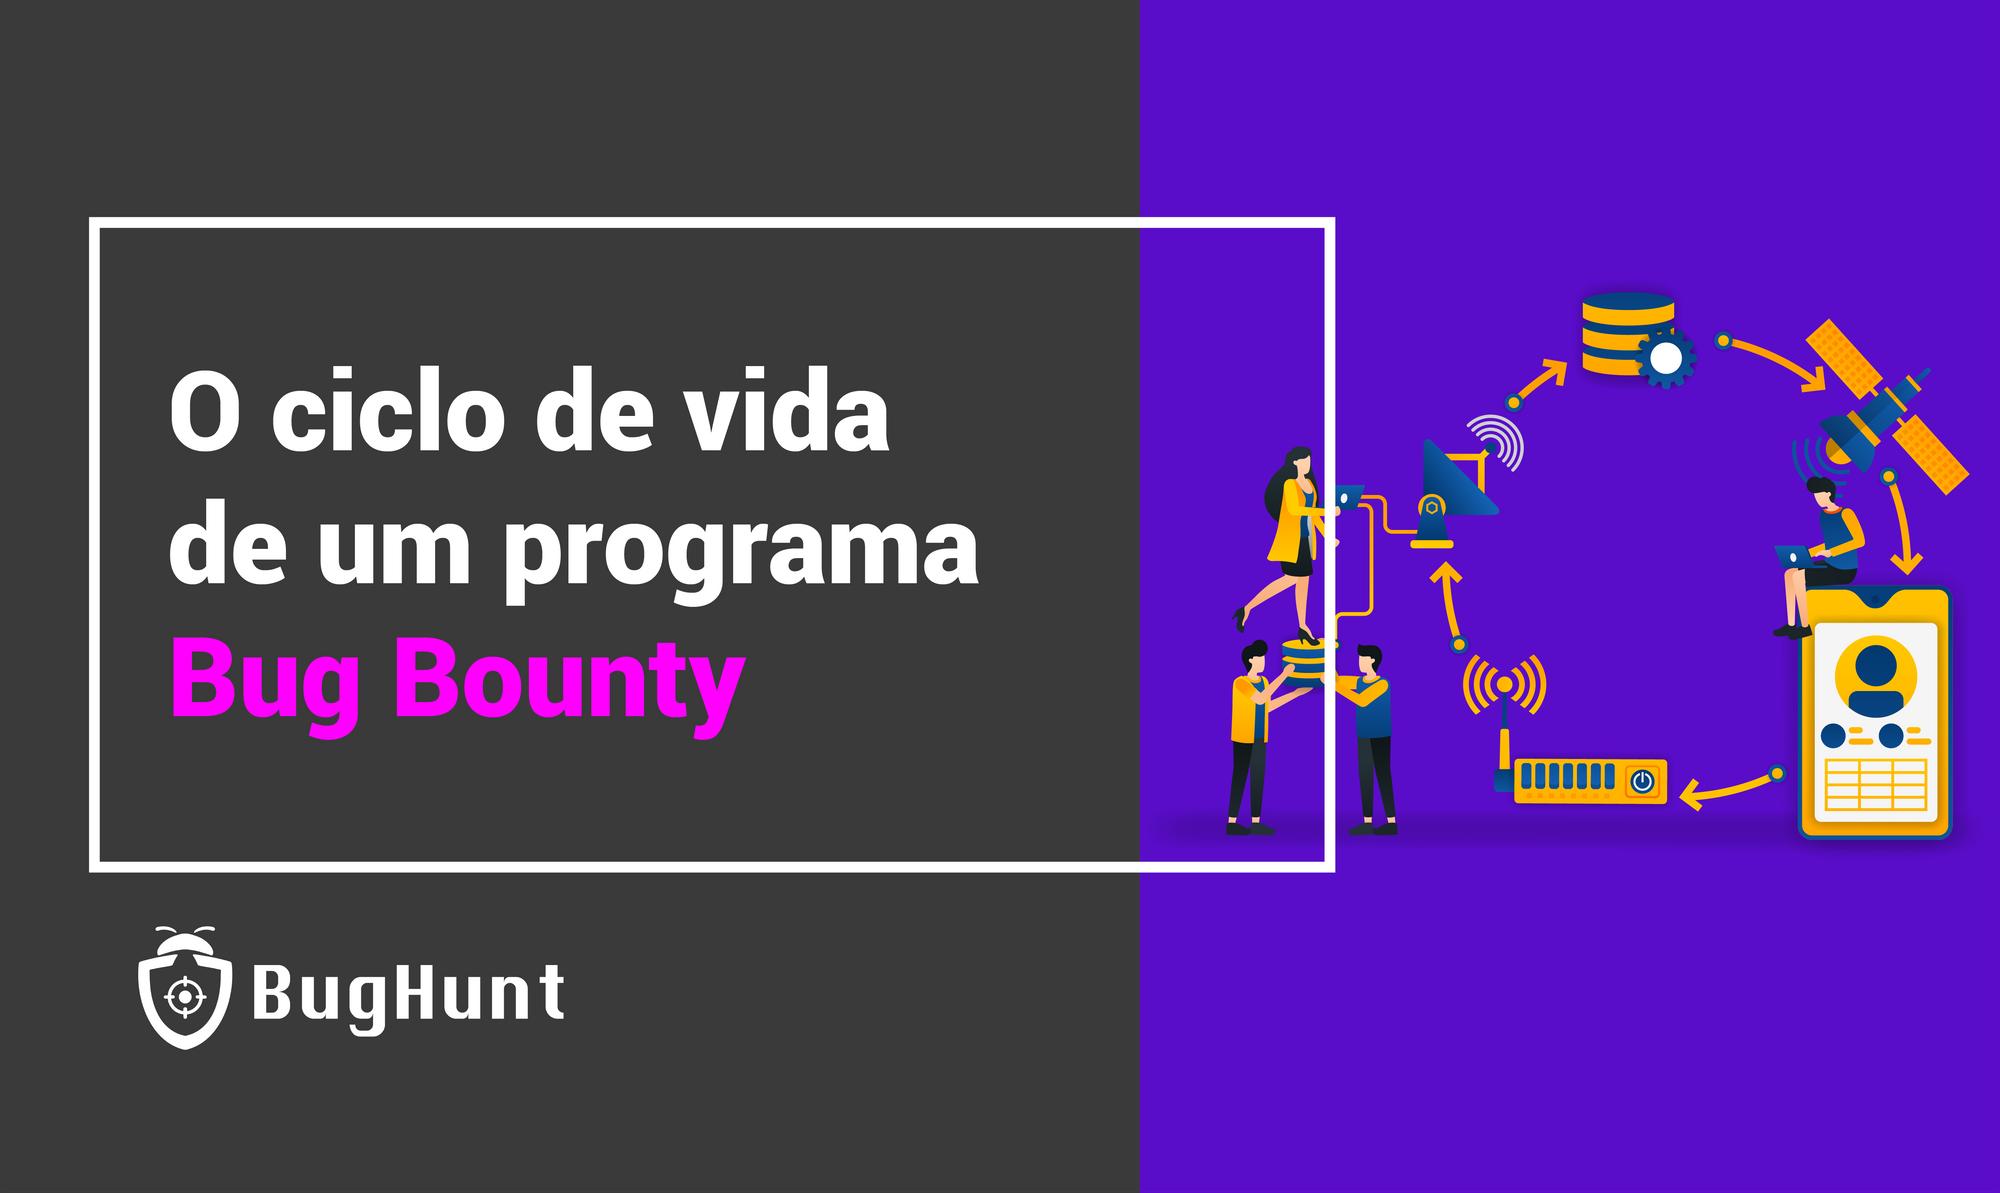 O ciclo de vida de um programa de Bug Bounty